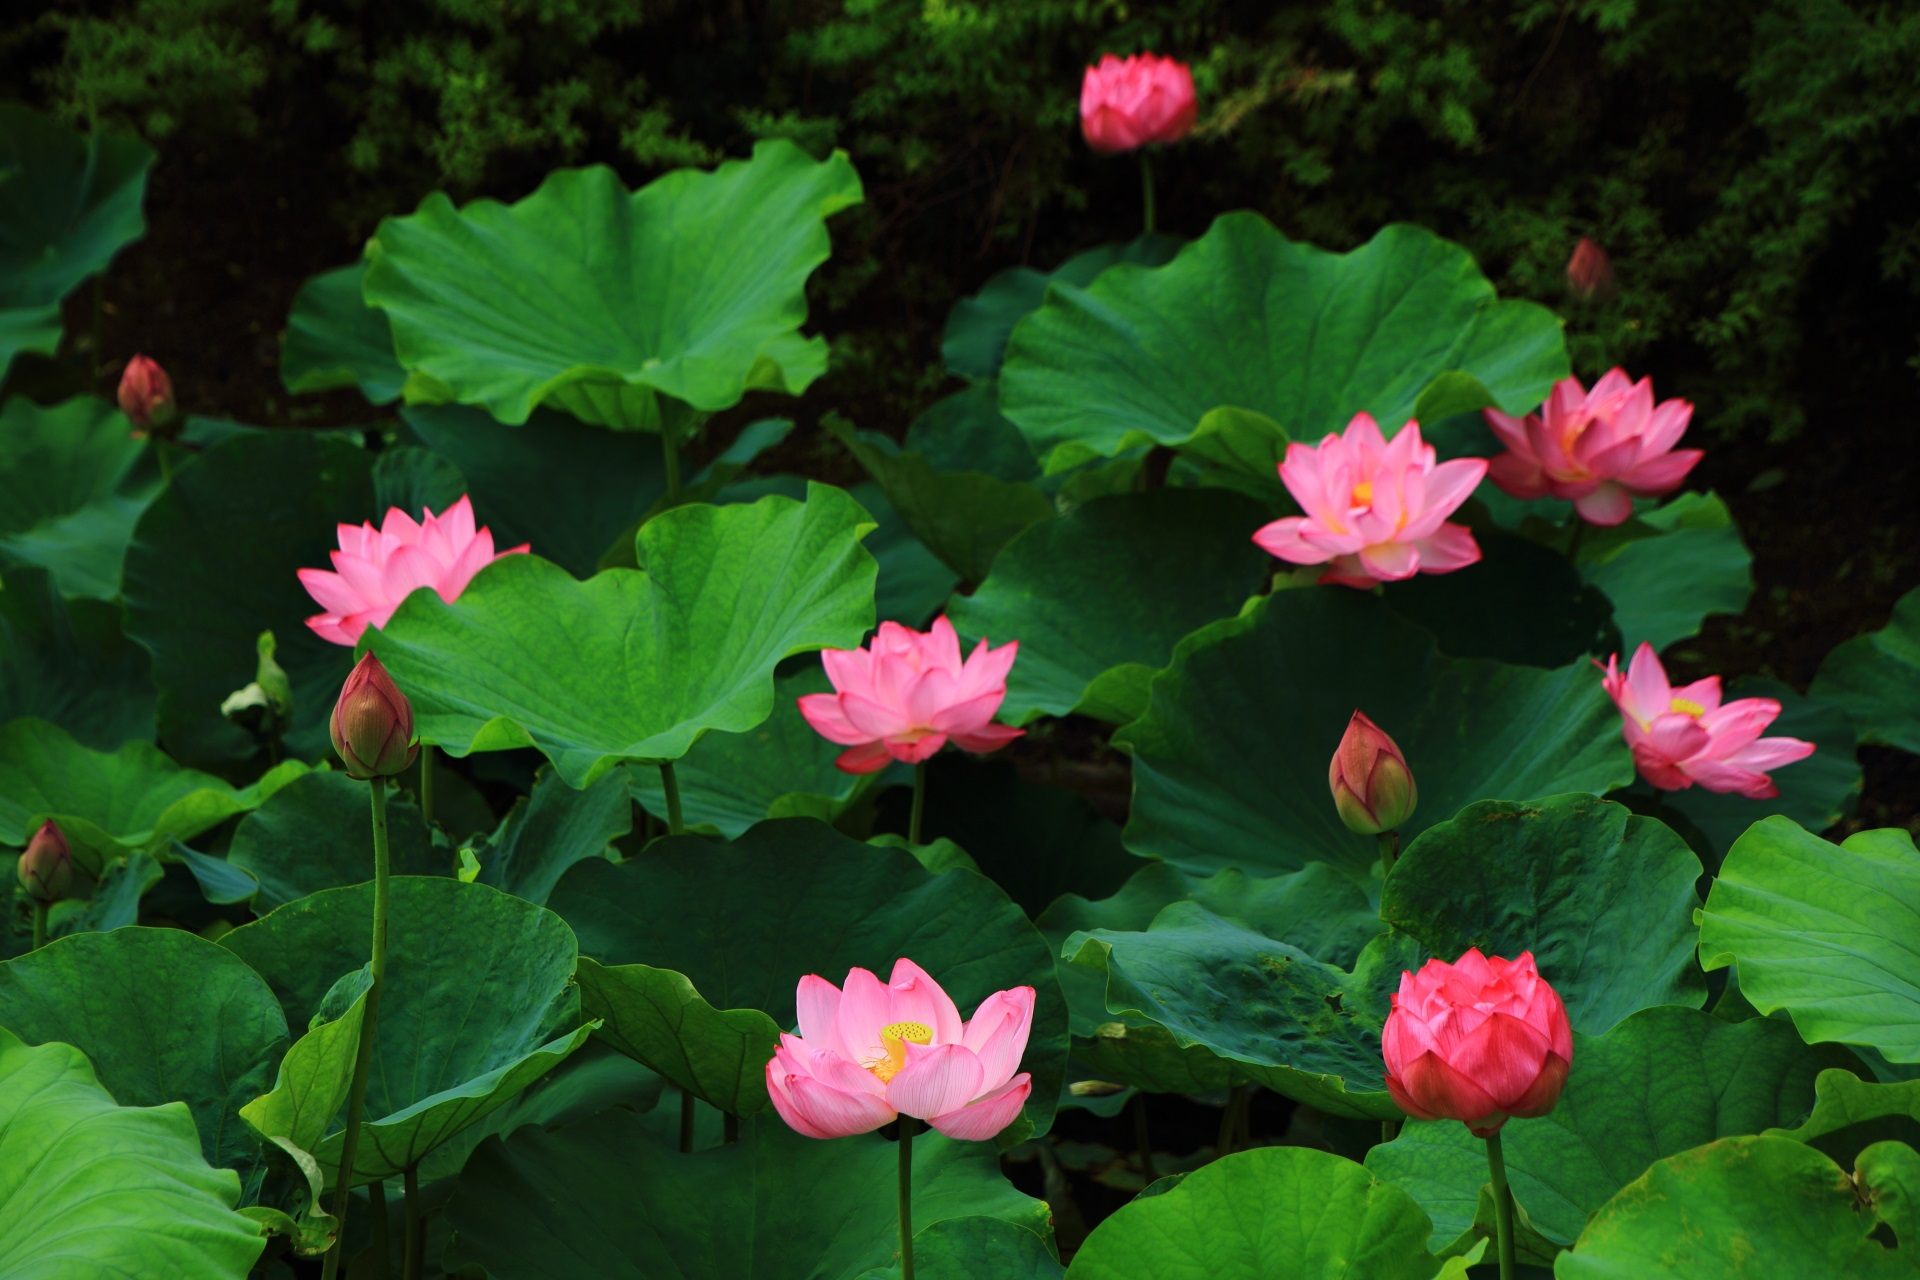 たくさんの数の花が一気に咲く当たり年の東寺の蓮